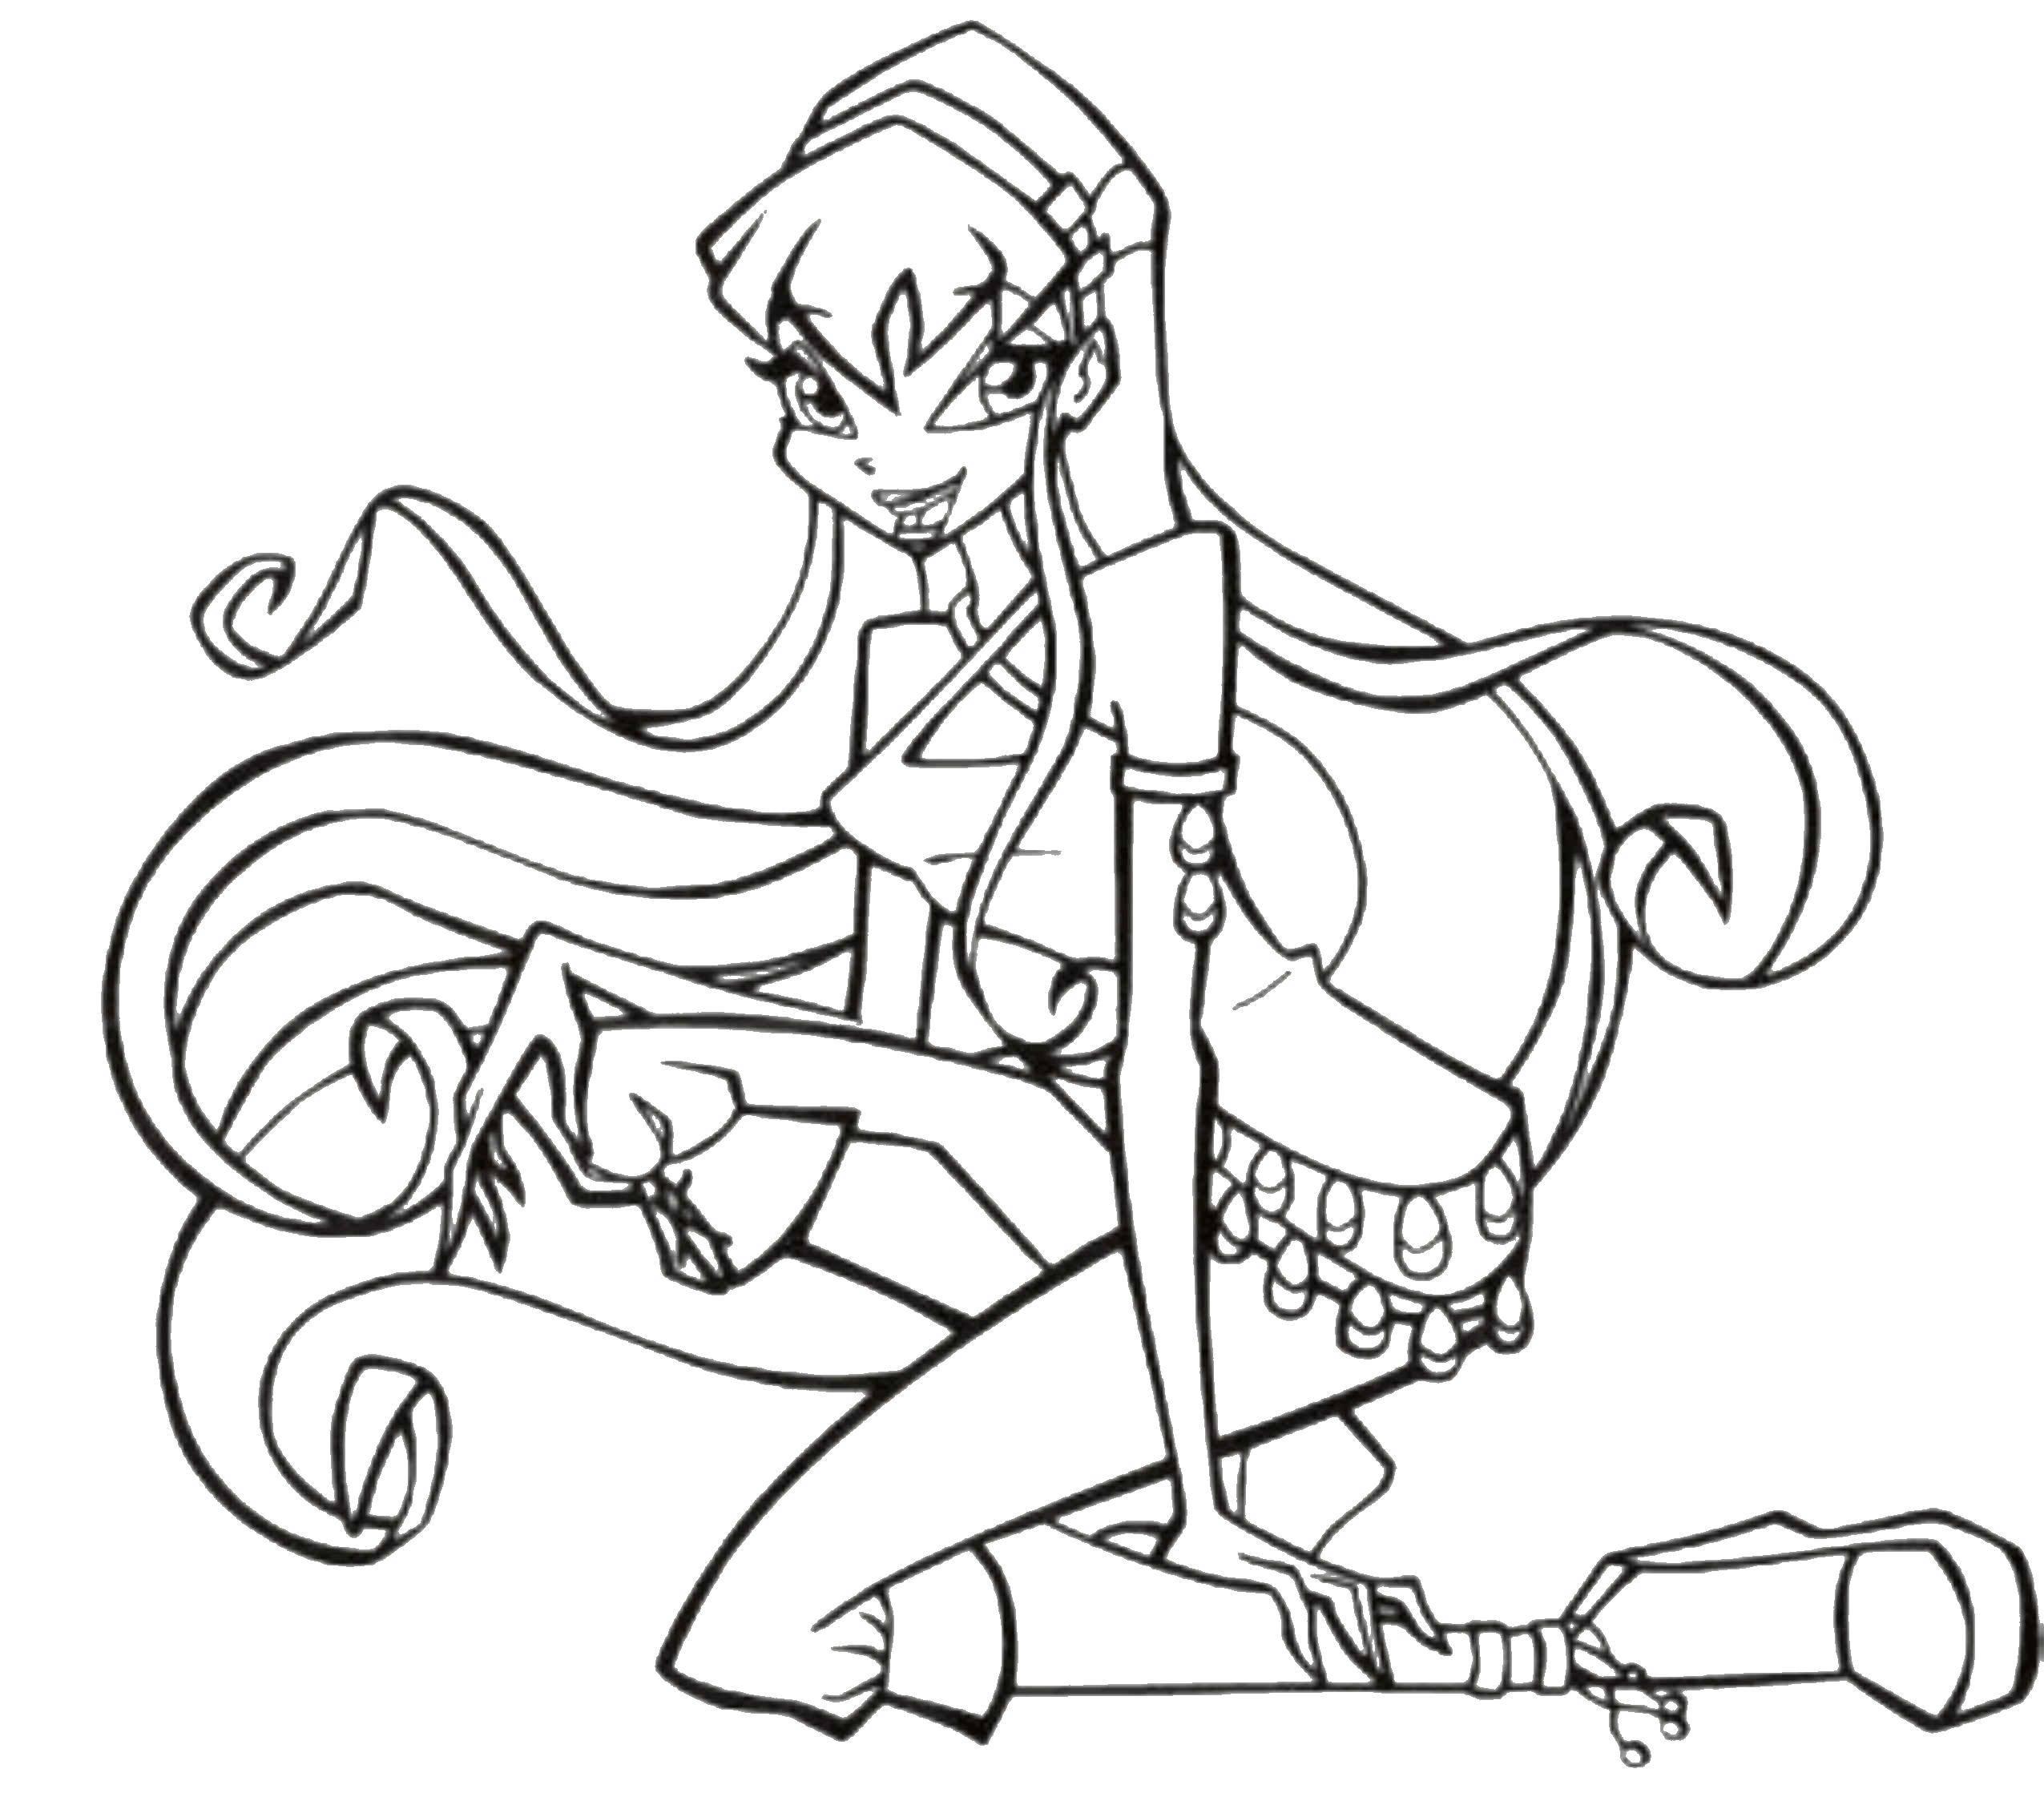 Раскраски клуб, Раскраска Девушка с длинными волосами ...